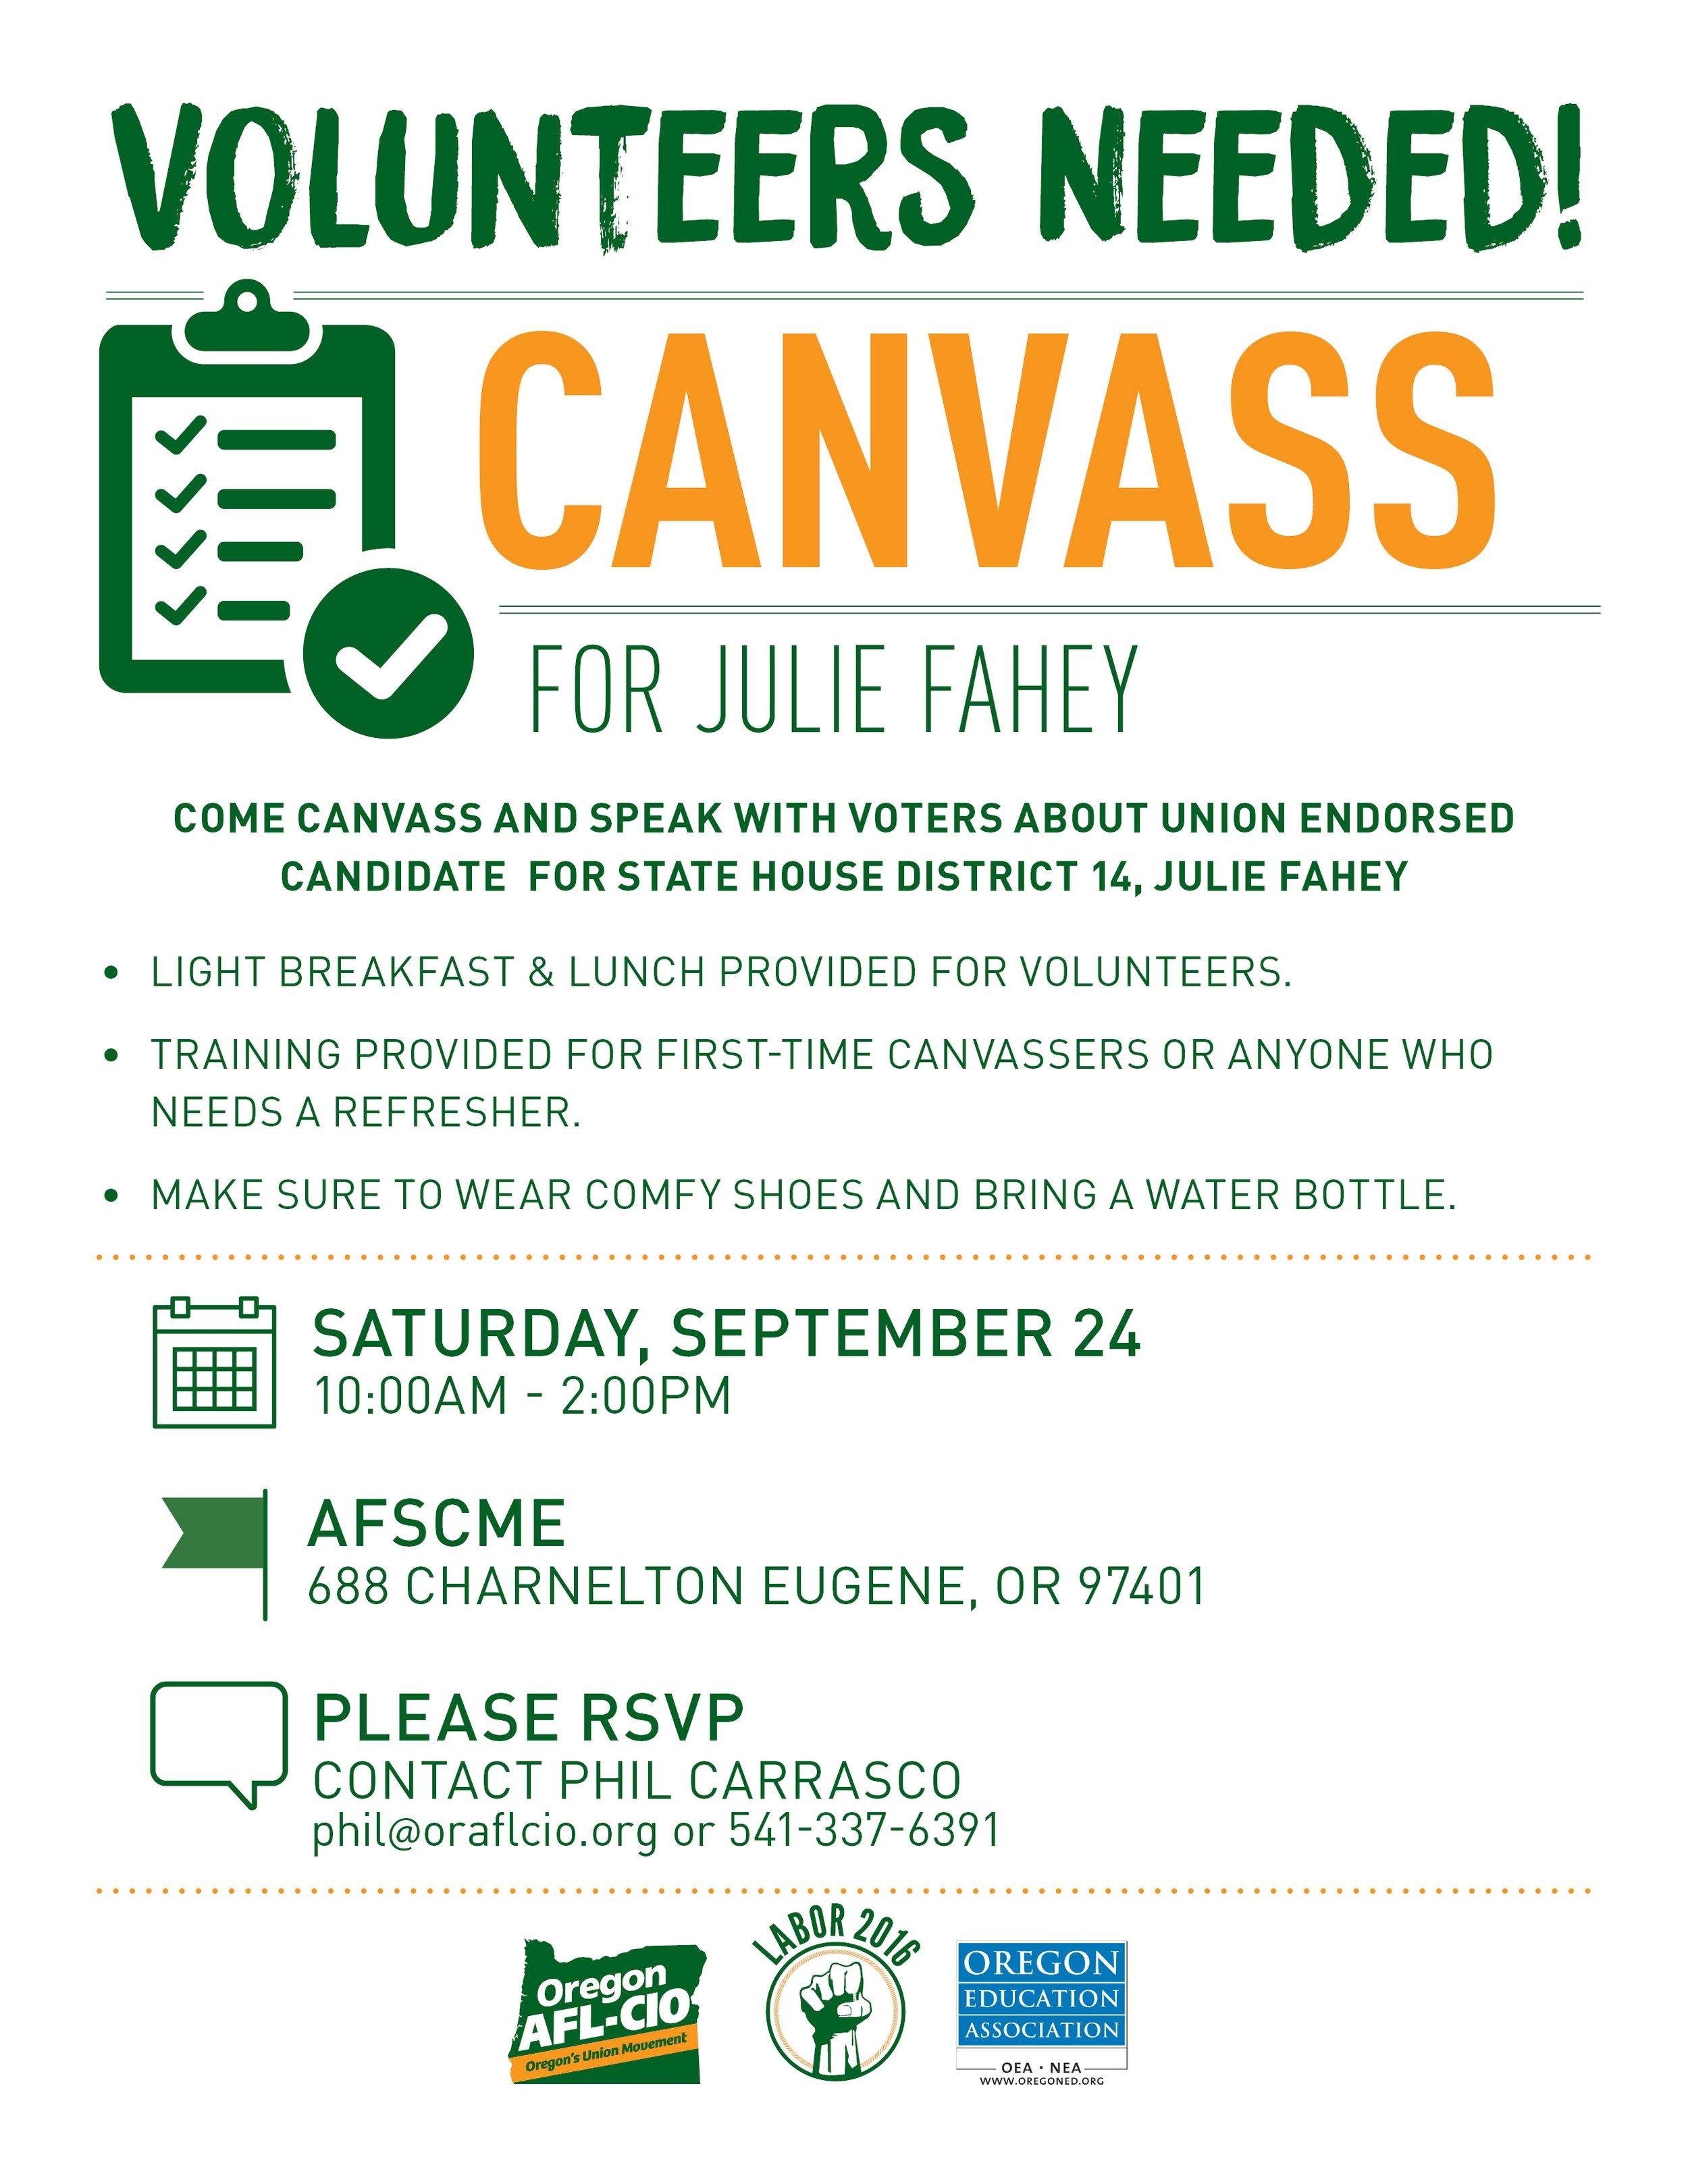 Lane CLC Canvass September 24th Outreach Flier.jpg